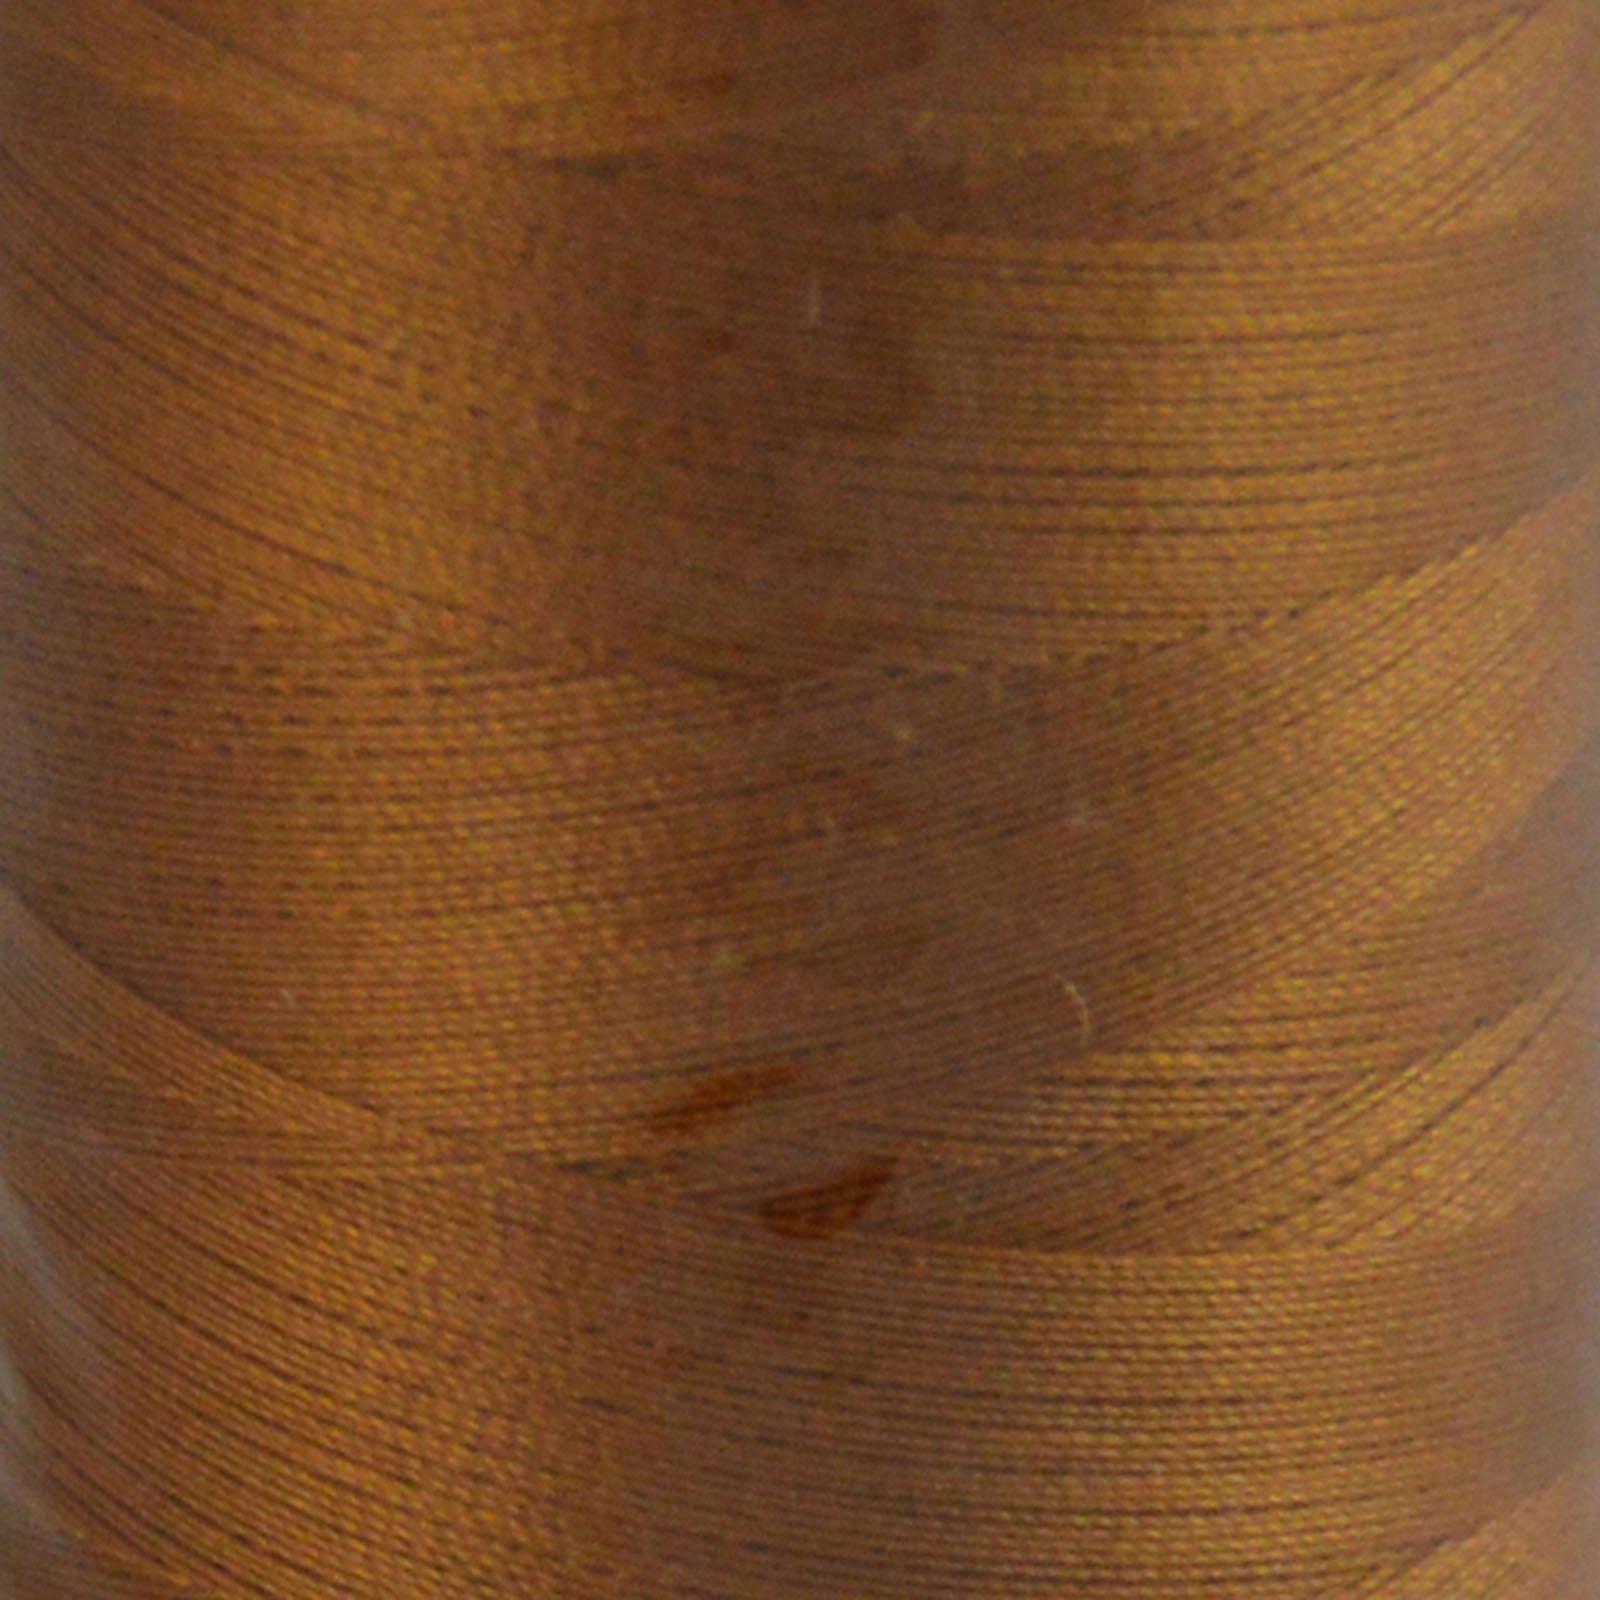 # 2155 Cinnamon